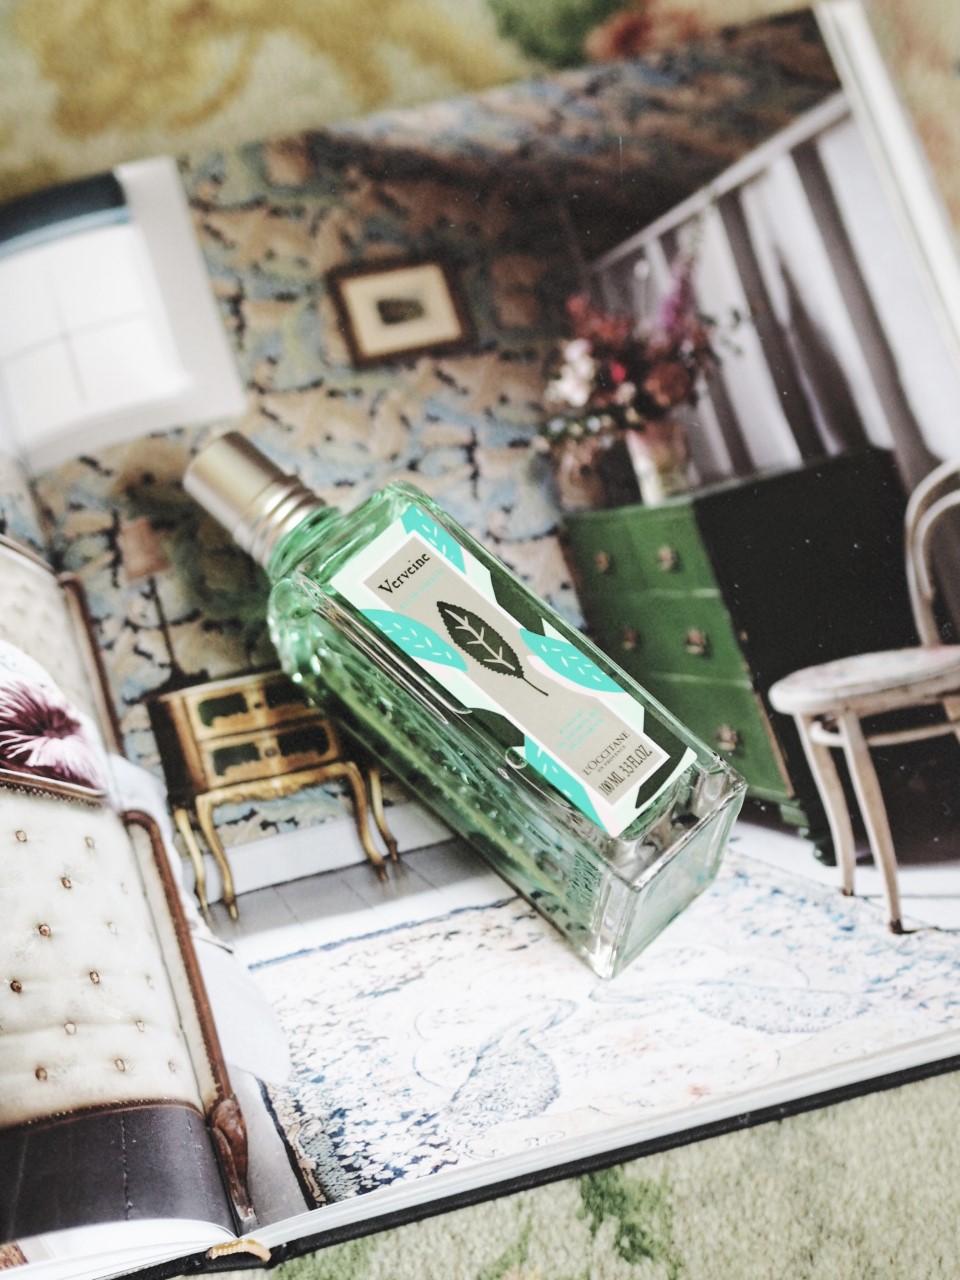 L'Occitane 'Limited Edition Verbena' Eau de Toilette Review perfume review 2021